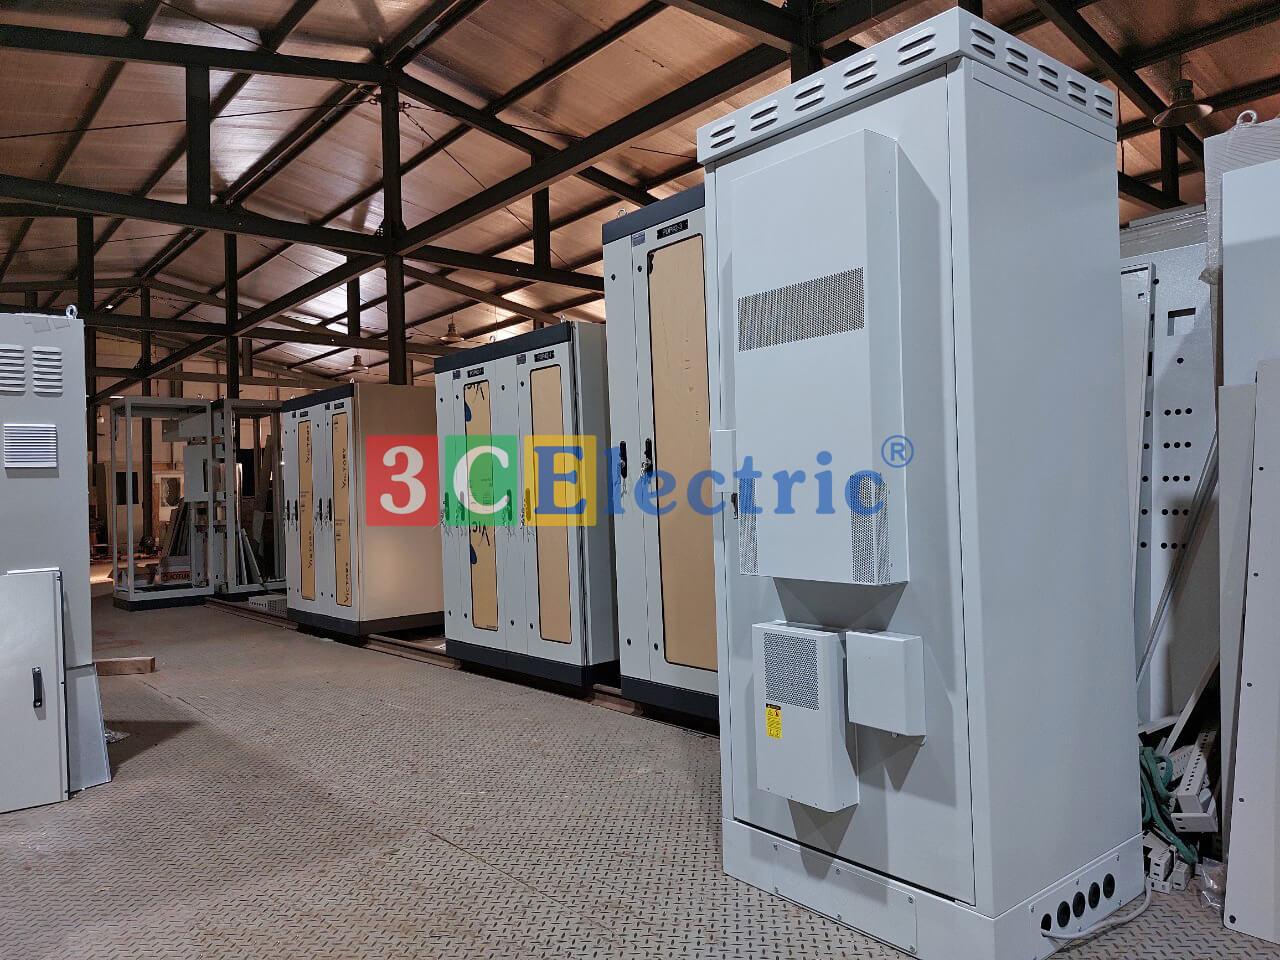 nhà máy 3CElectric sản xuất các loại tủ bts tủ nguồn outdoor